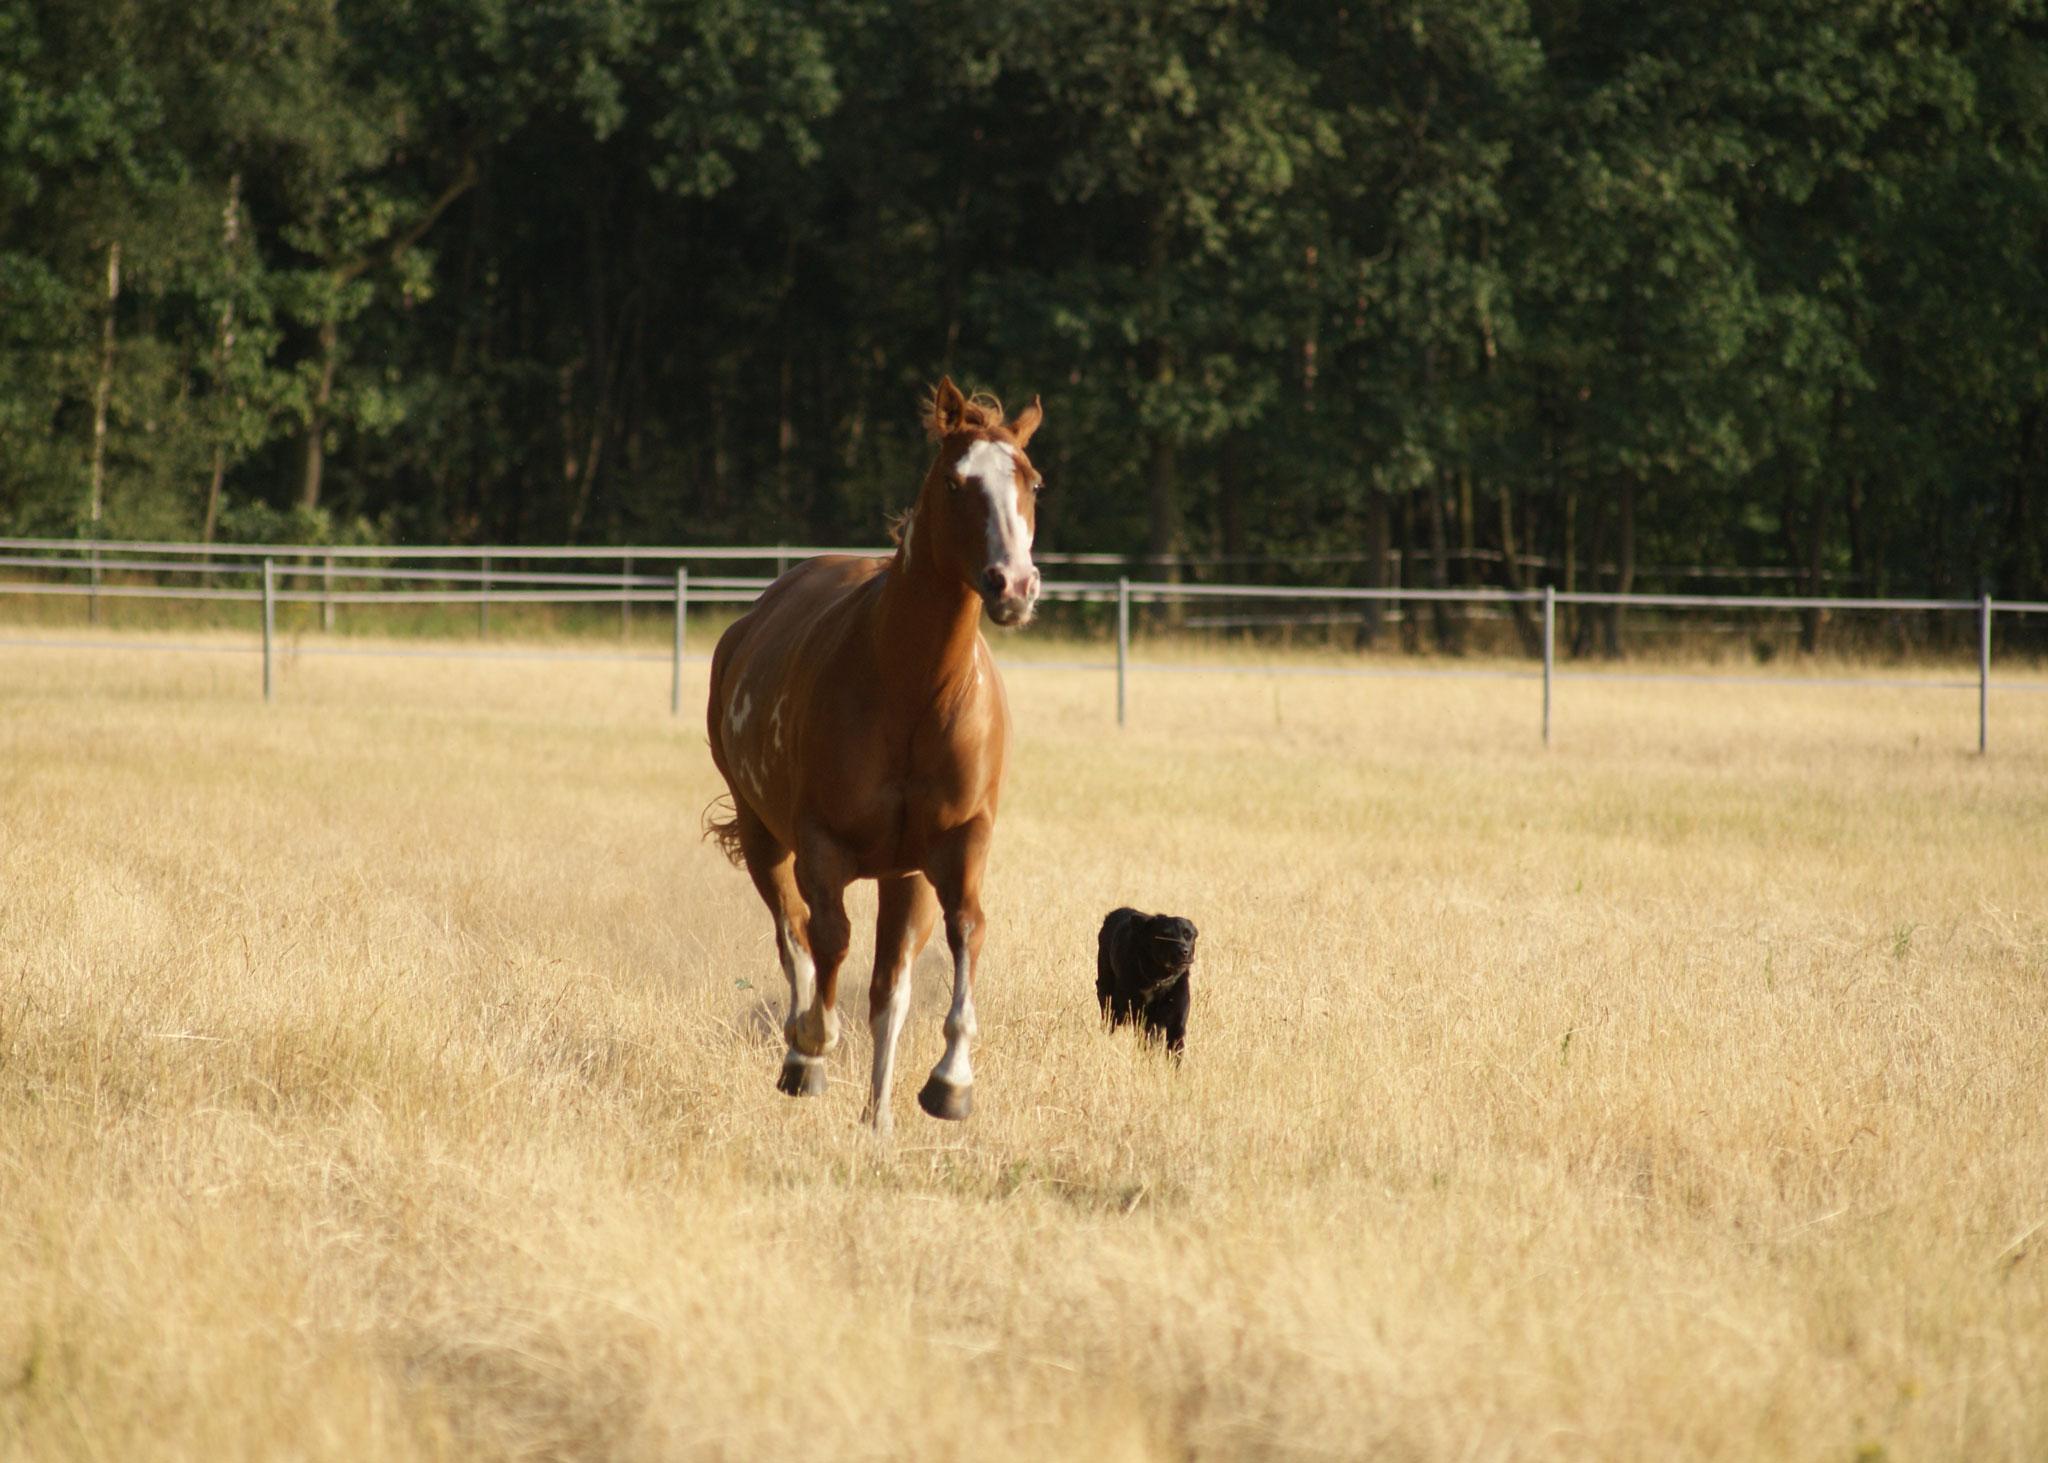 Hund-am-Pferd-2048